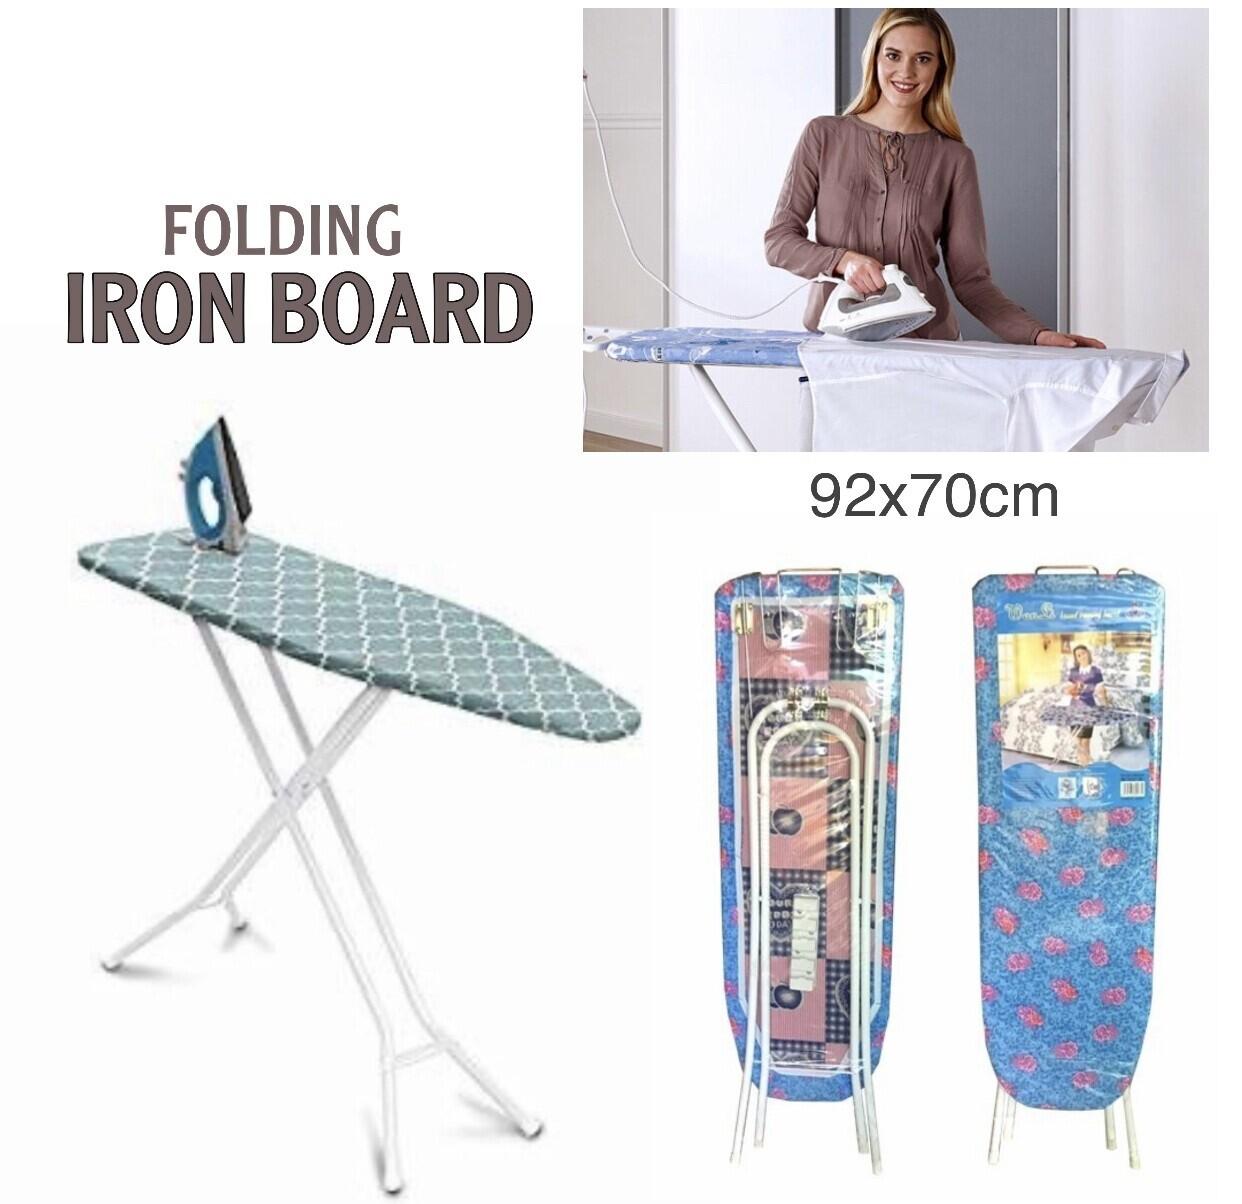 Folding Iron Board